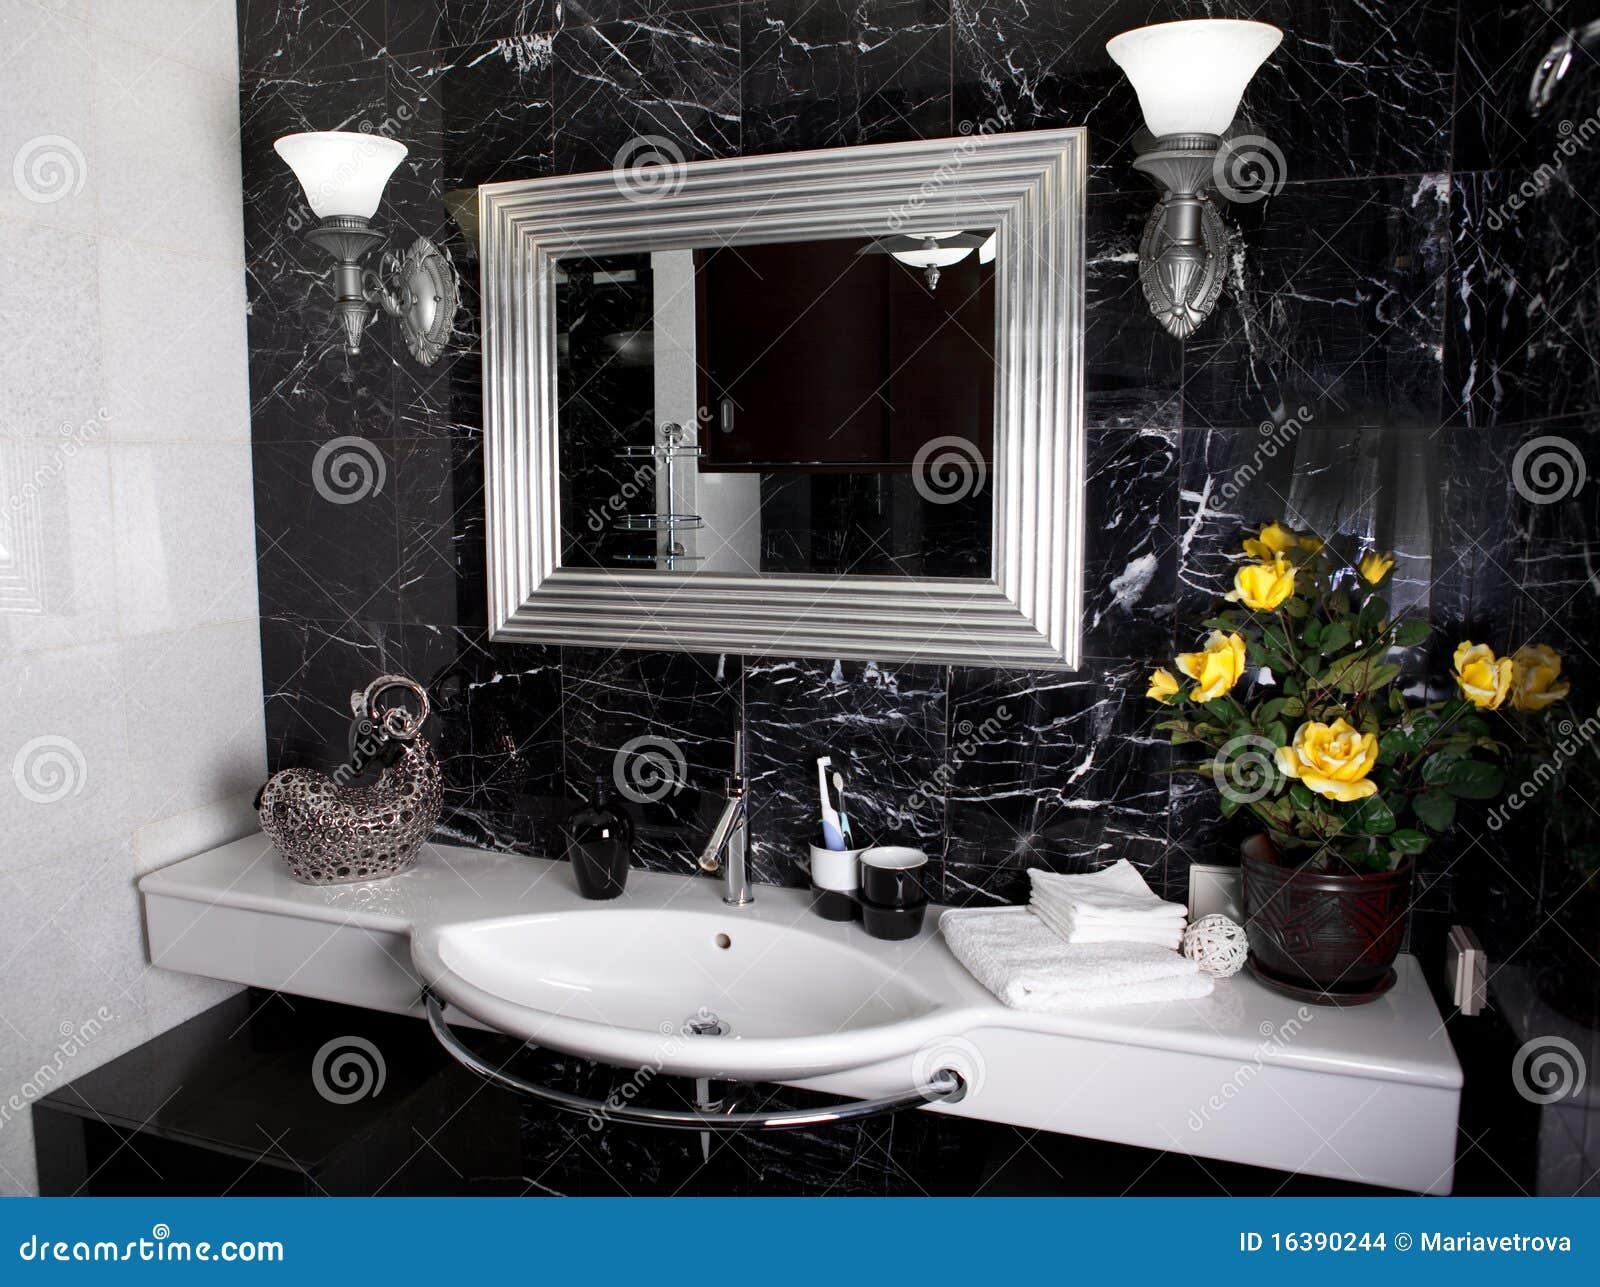 Favoloso Stanza Da Bagno In Bianco E Nero Fotografia Stock - Immagine: 16390244 CH59